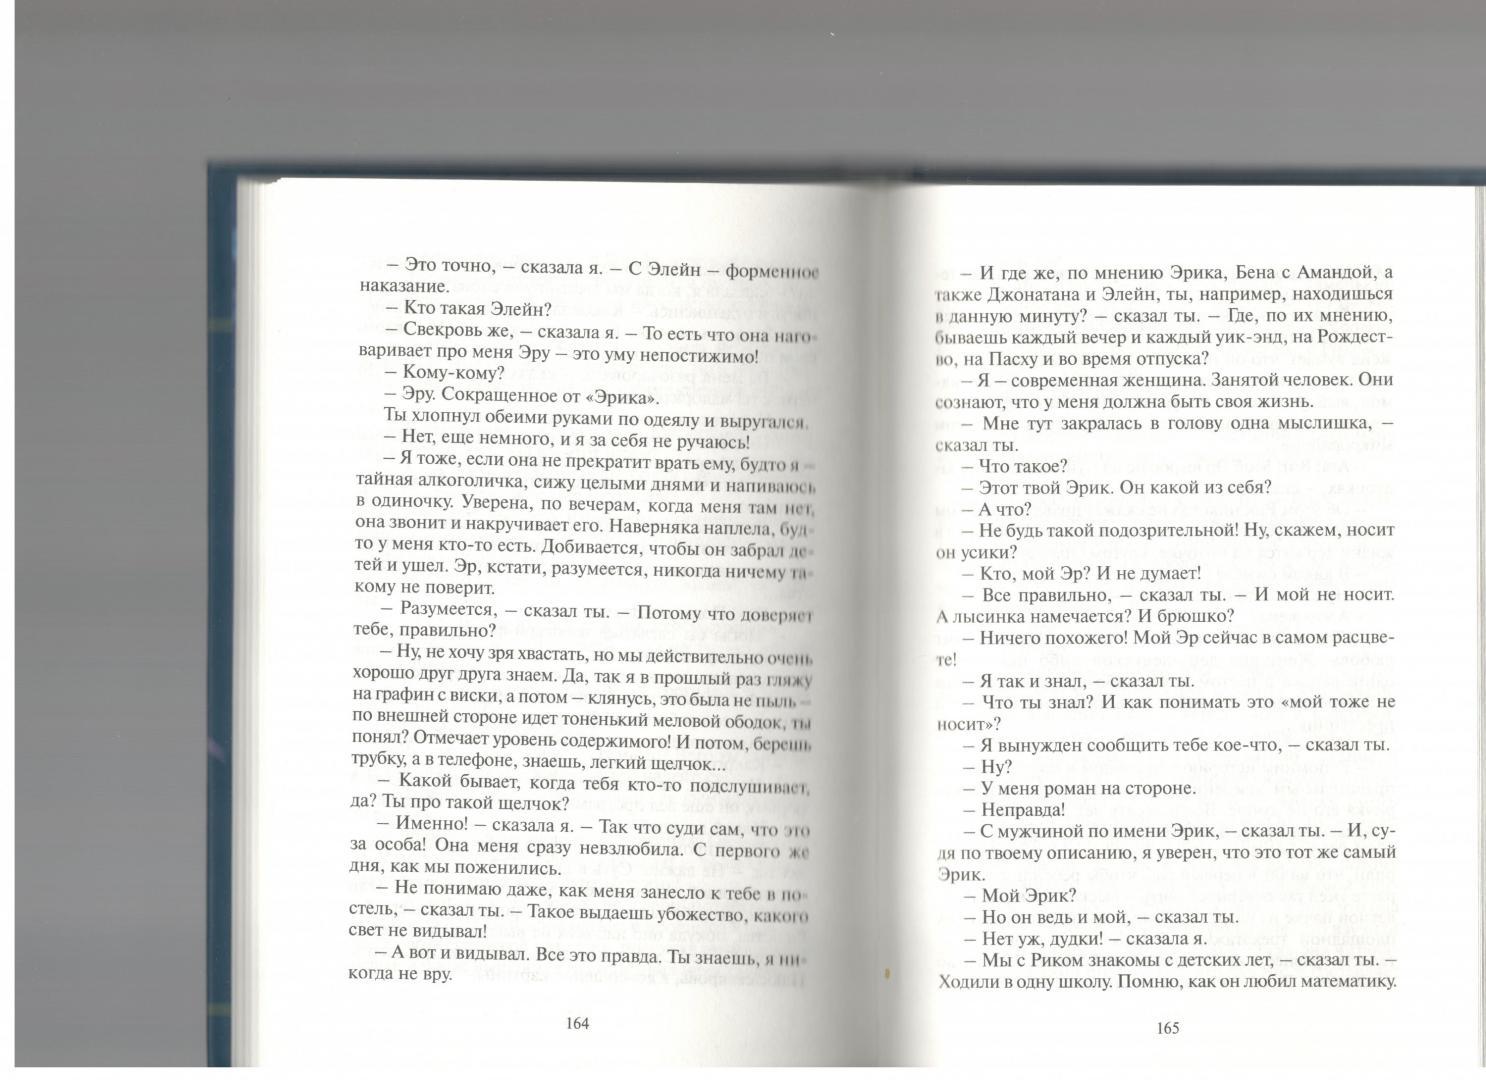 Иллюстрация 10 из 11 для Ирония жизни в разных историях - Али Смит | Лабиринт - книги. Источник: neludimka